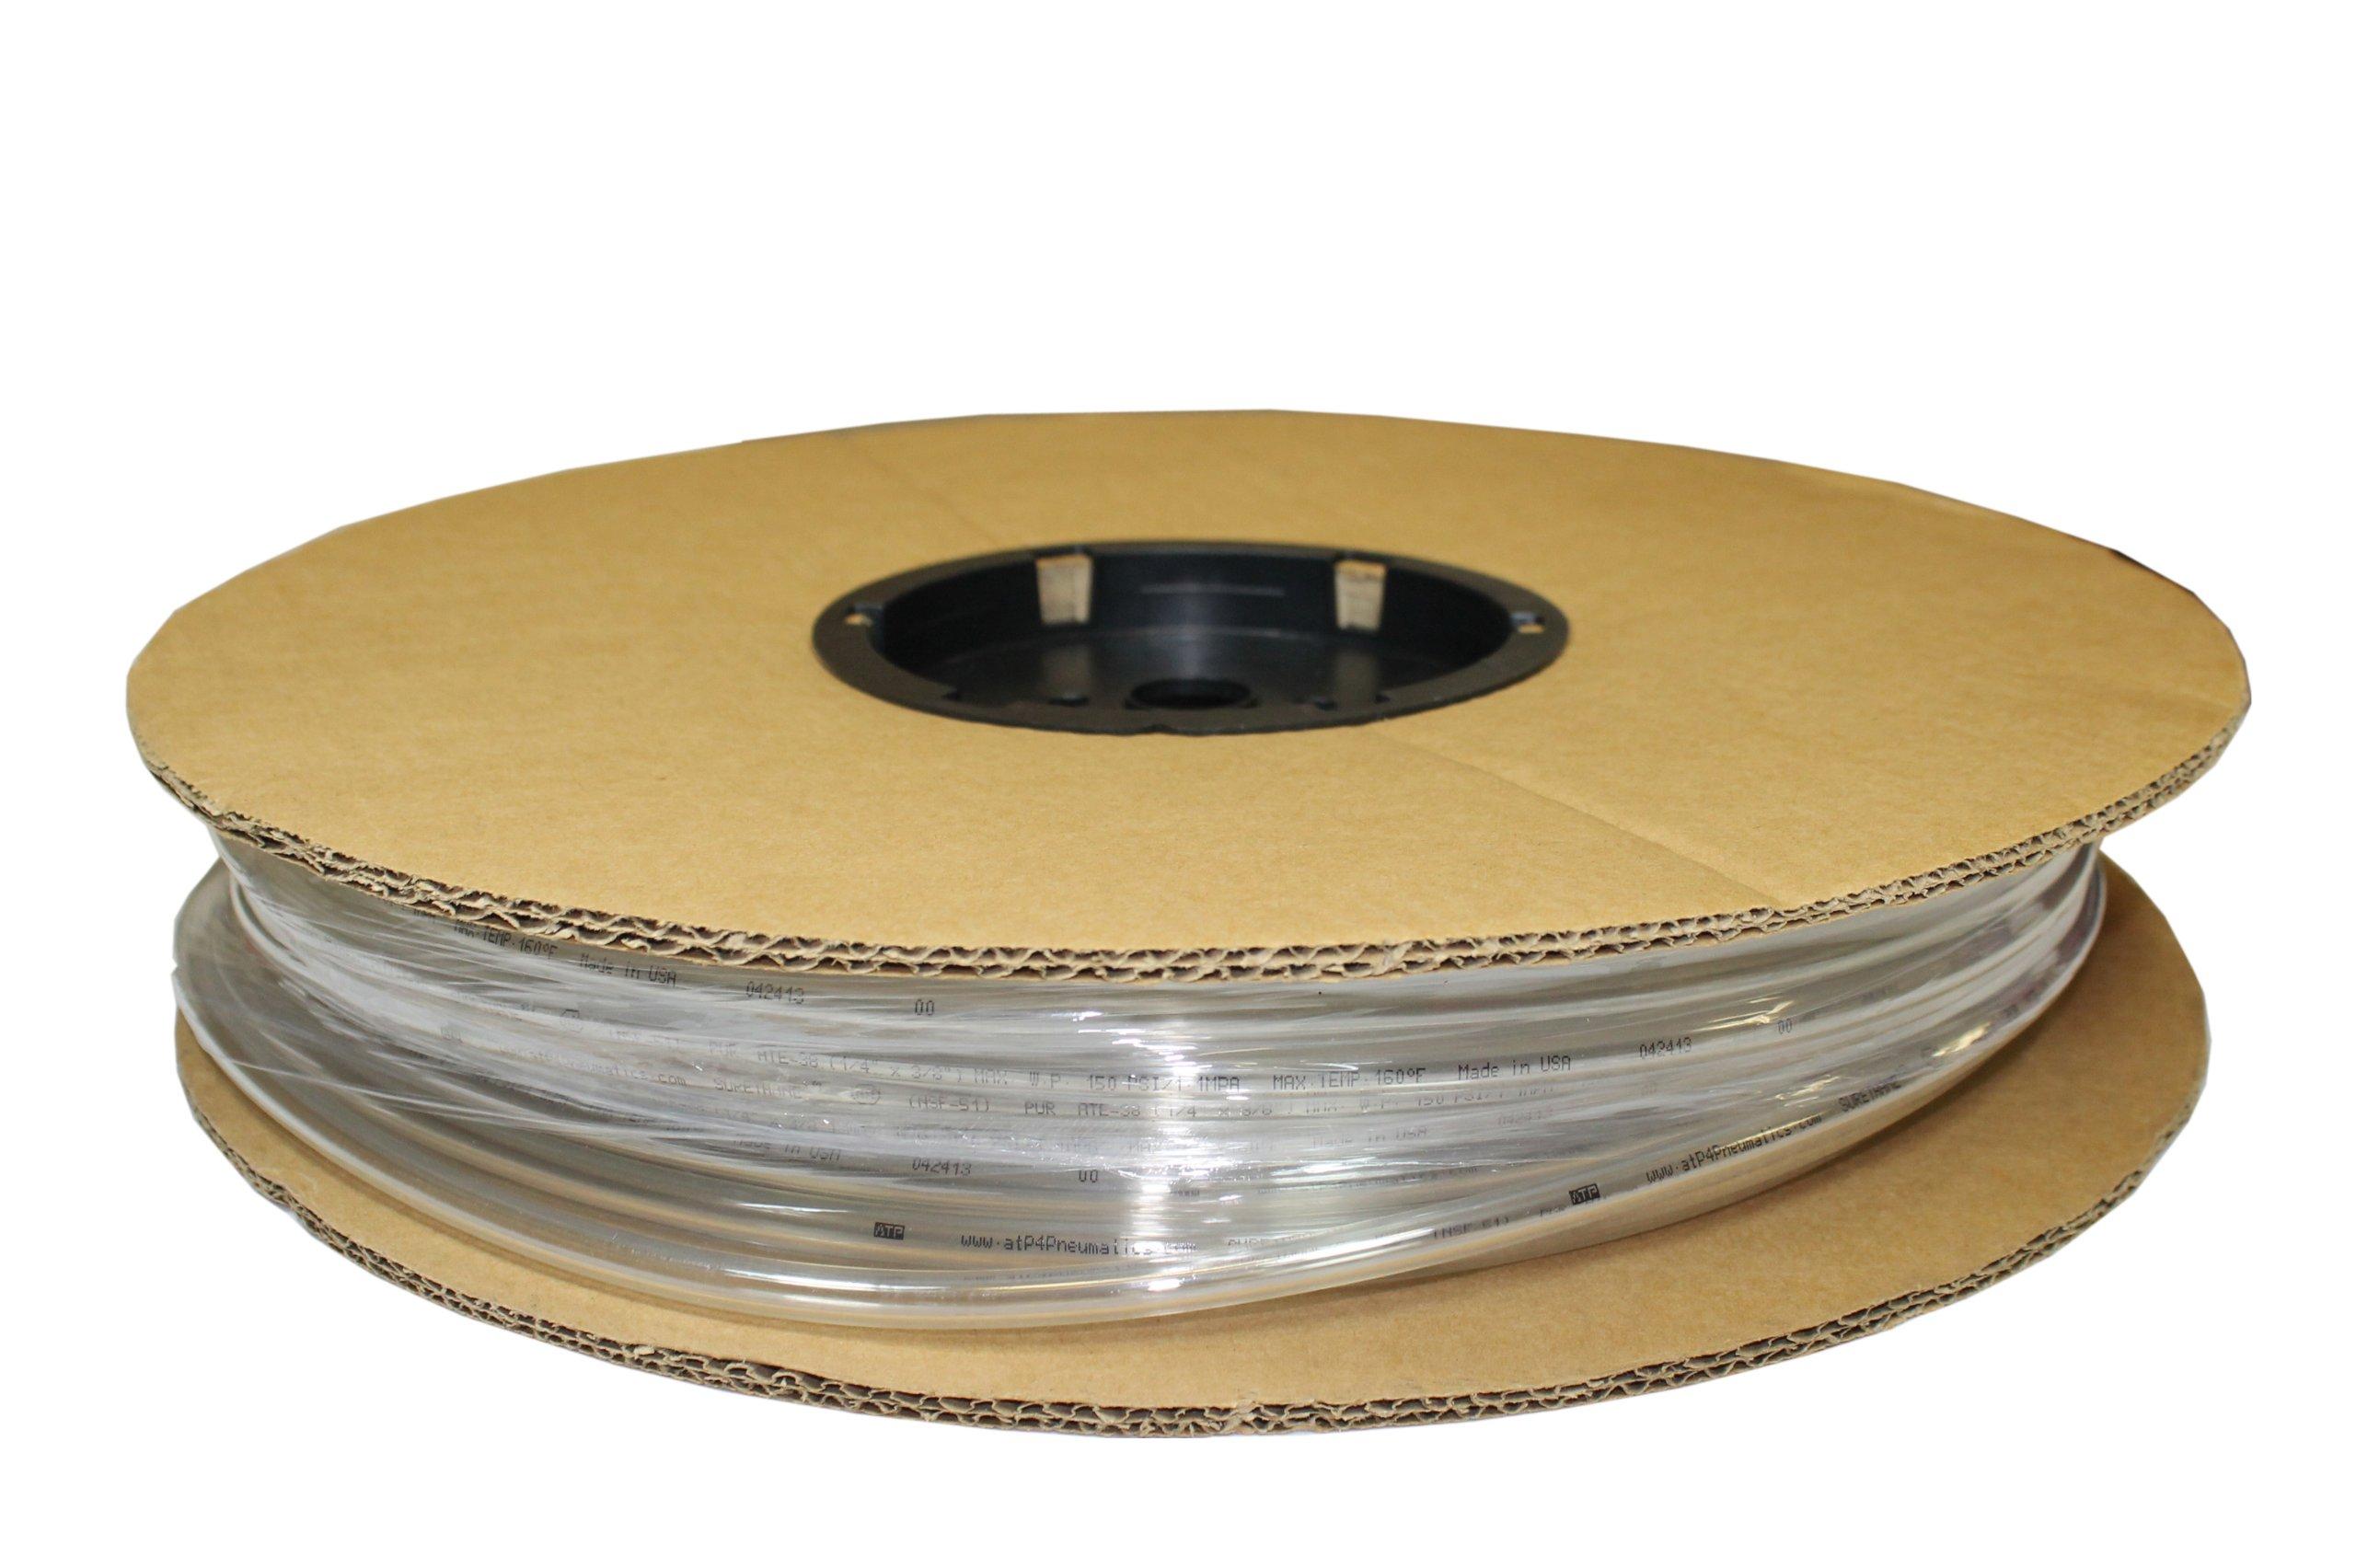 ATP Surethane Polyurethane Plastic Tubing, Clear, 3/32'' ID x 5/32'' OD, 100 feet Length